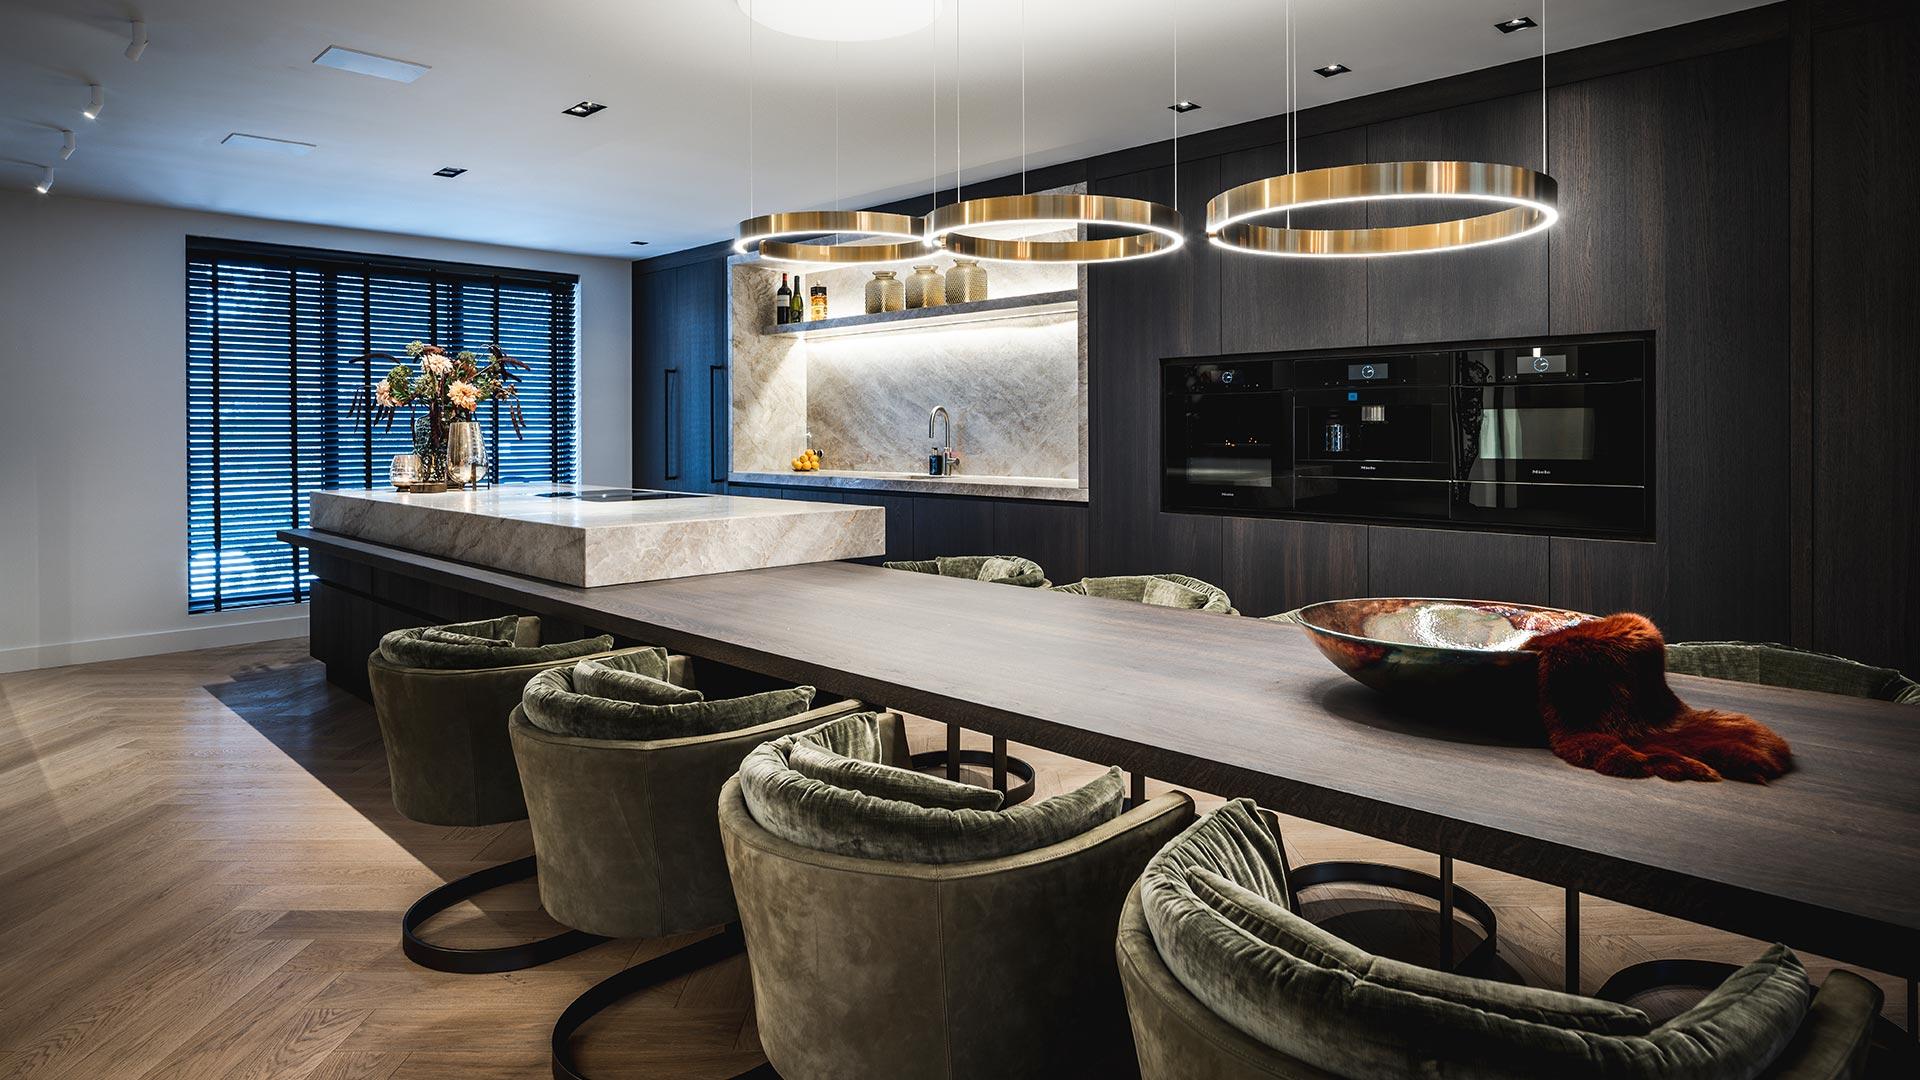 Keuken ontwerp en productie